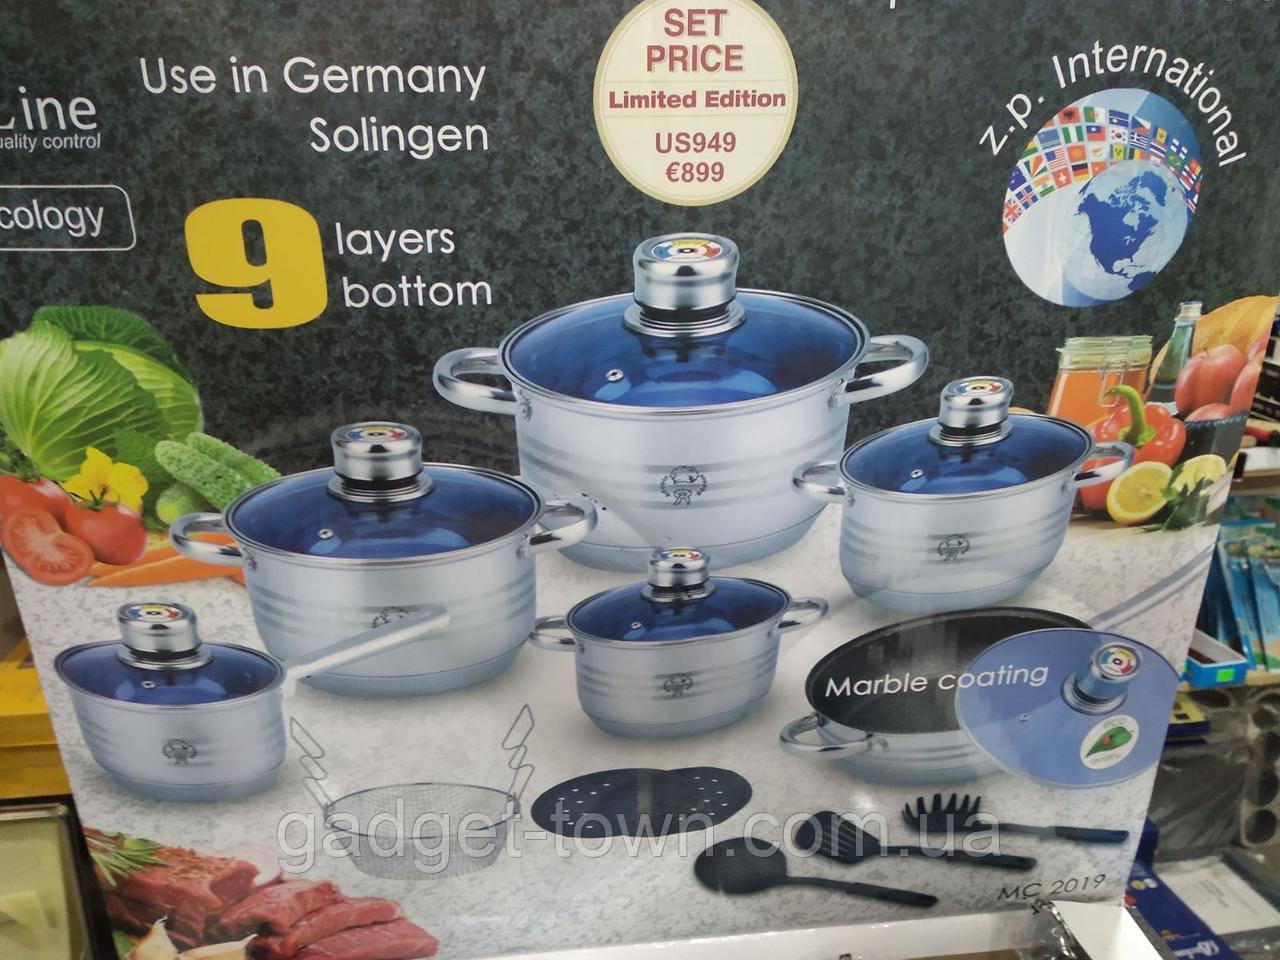 Набор посуды для кухни Z.P. international (18 предметов) лимитированная версия